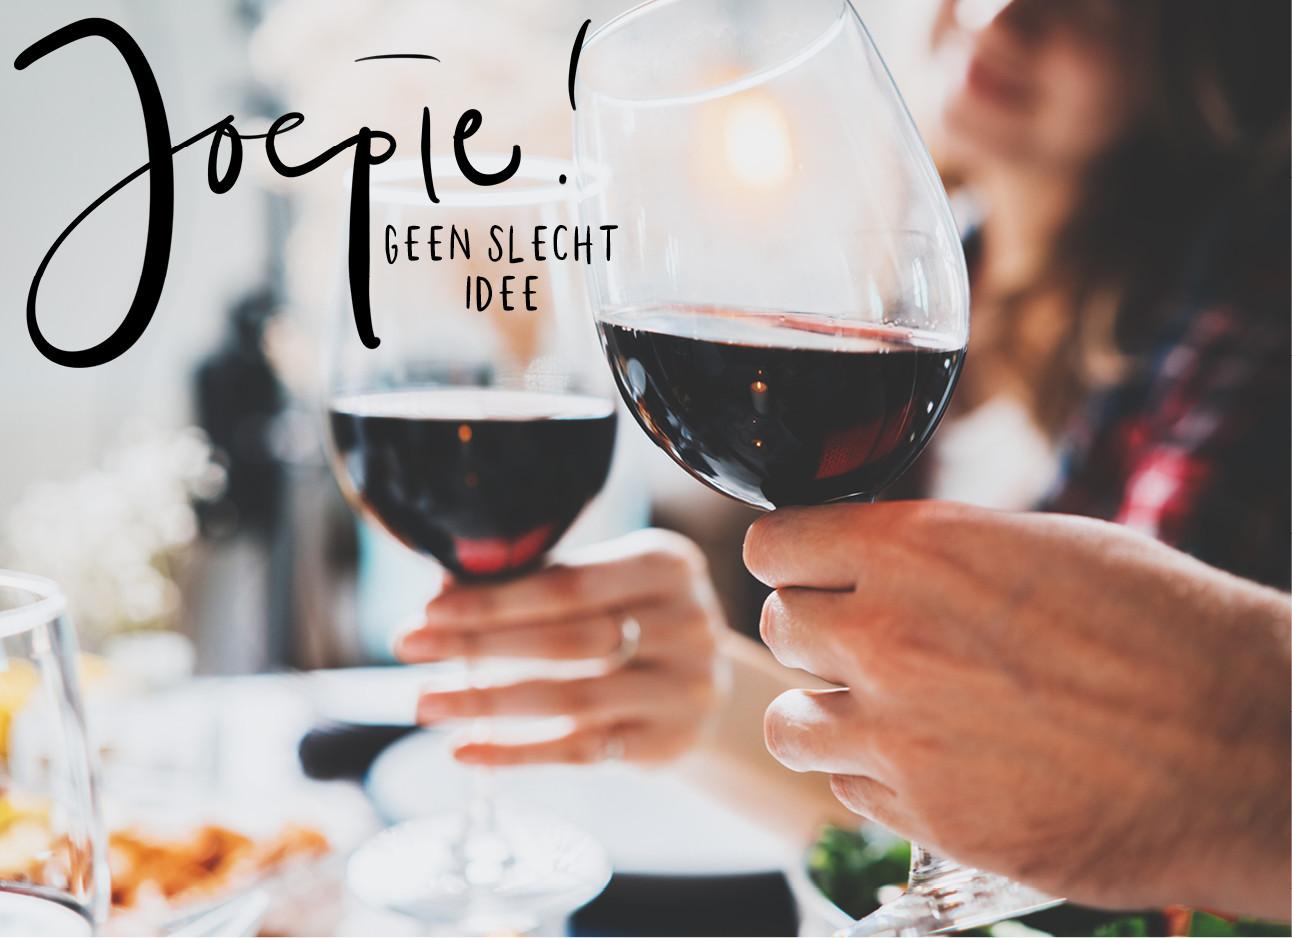 een beeld van handen met 2 glazen rode wijn die proosten